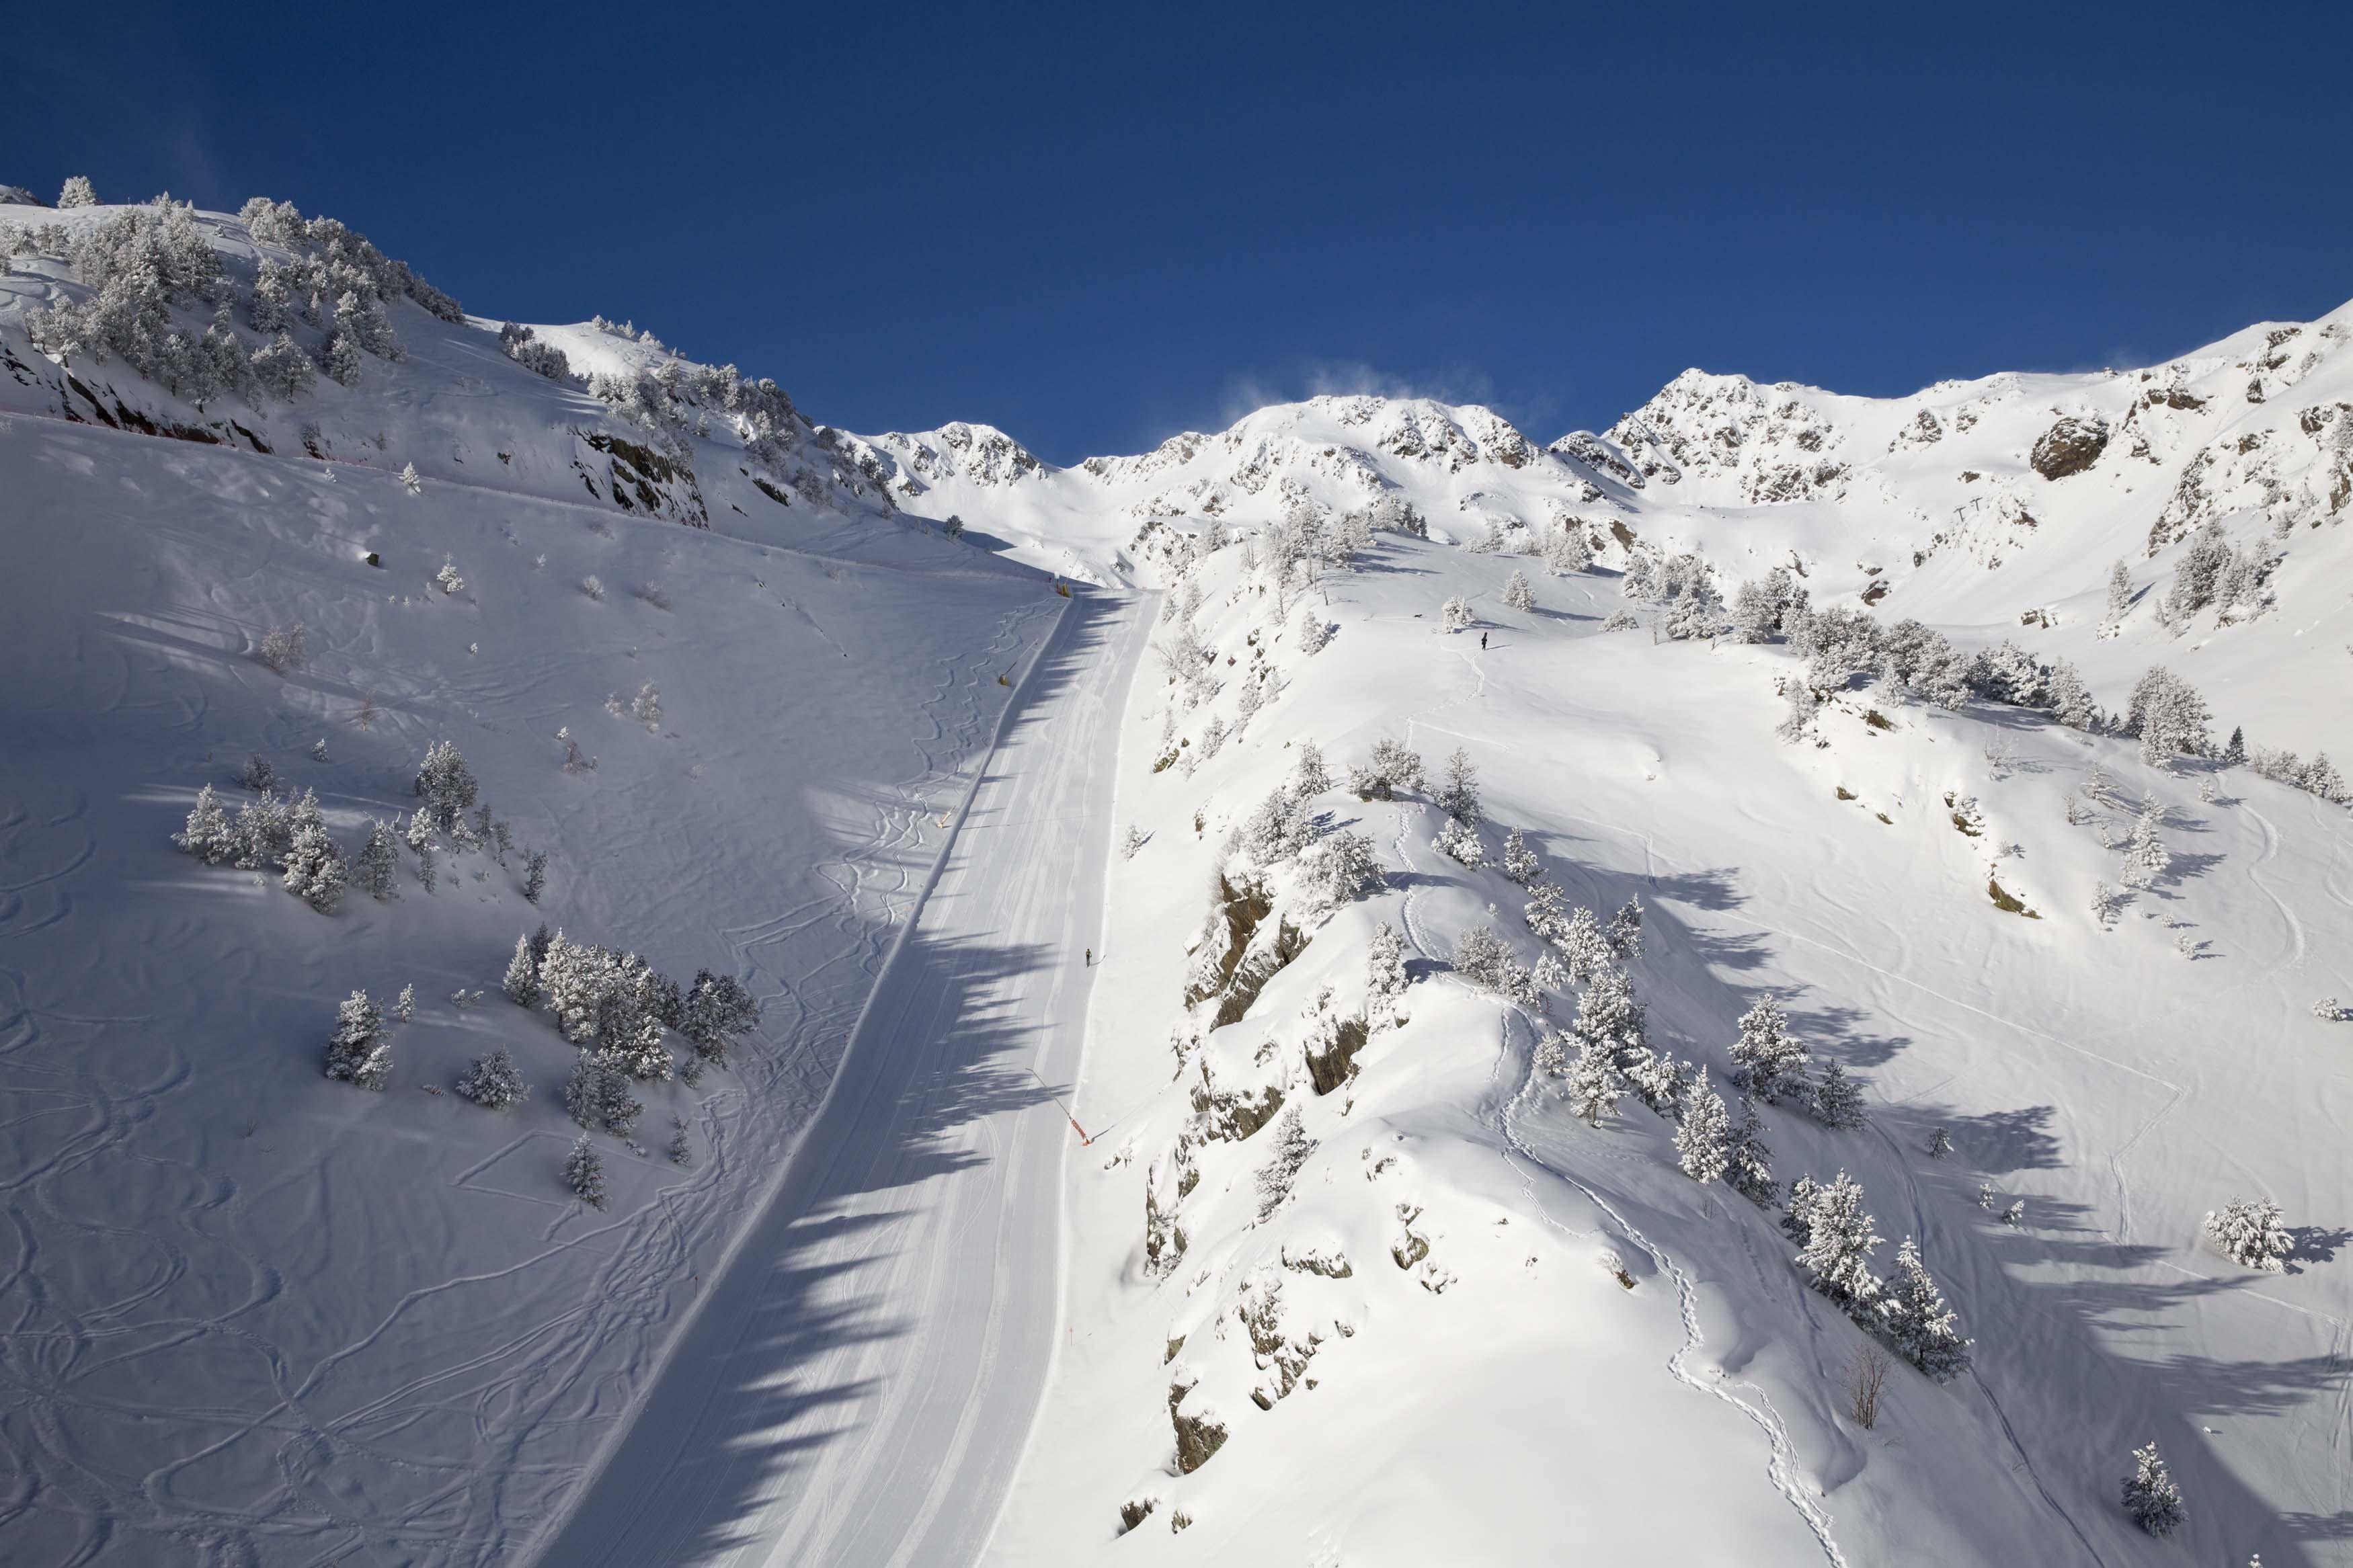 Skiing in Arinsal